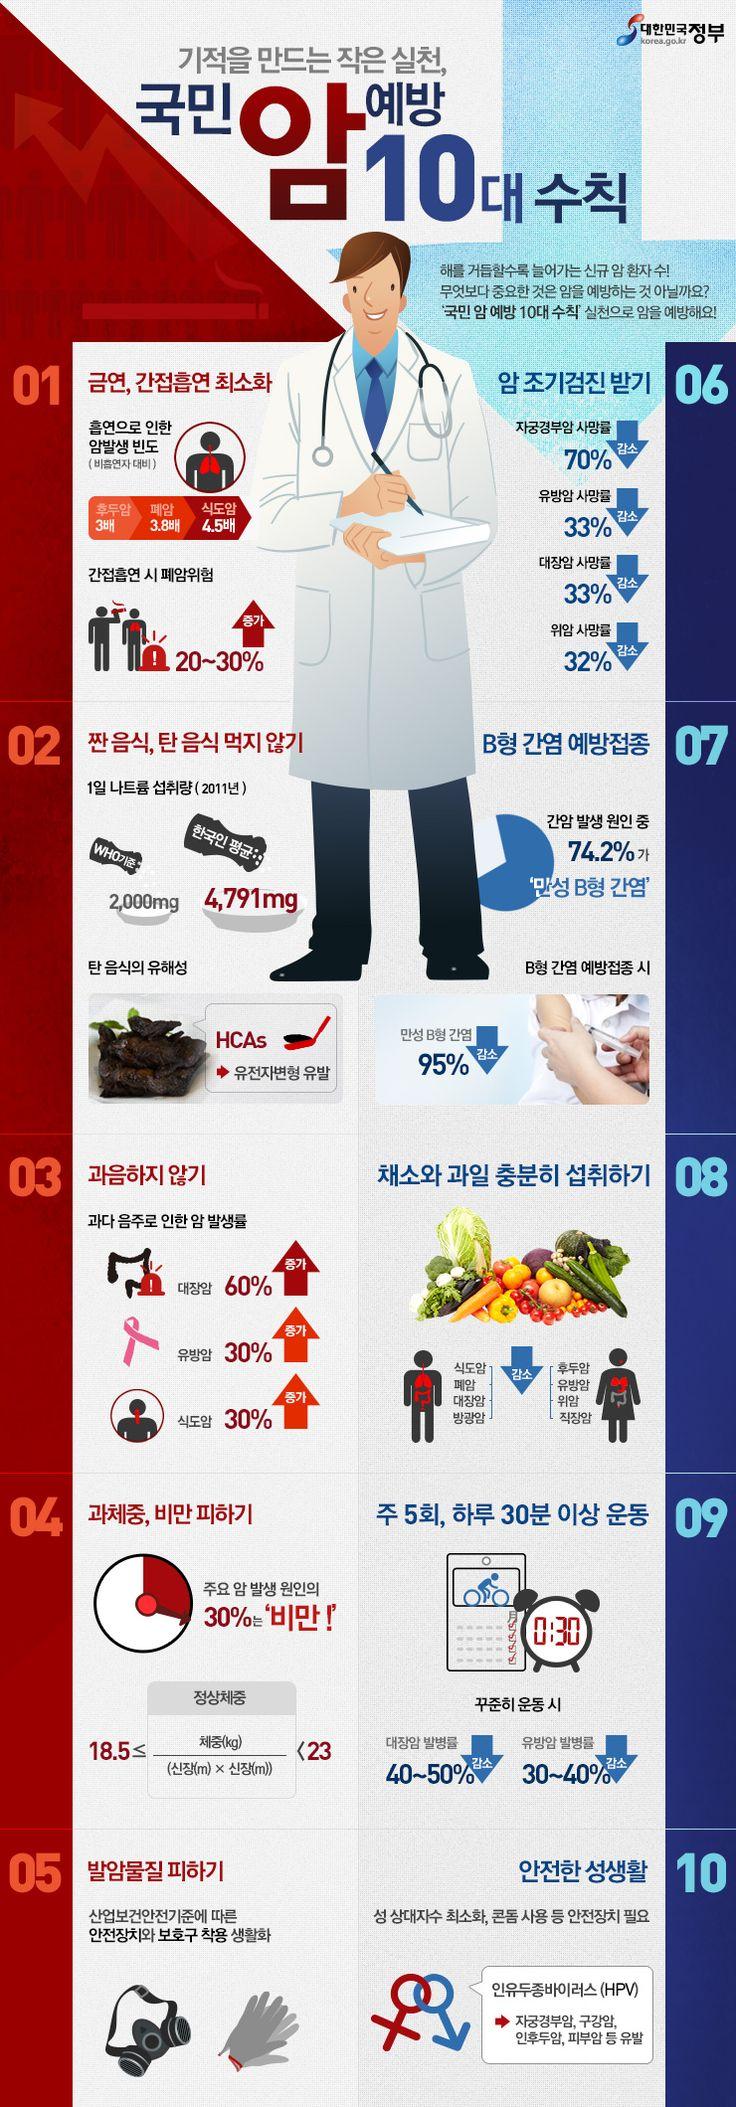 기적을 만드는 작은 실천, 국민 암 예방 10대 수칙(자료출처: 보건복지부, 제작:대한민국 정부포털 www.korea.go.kr)